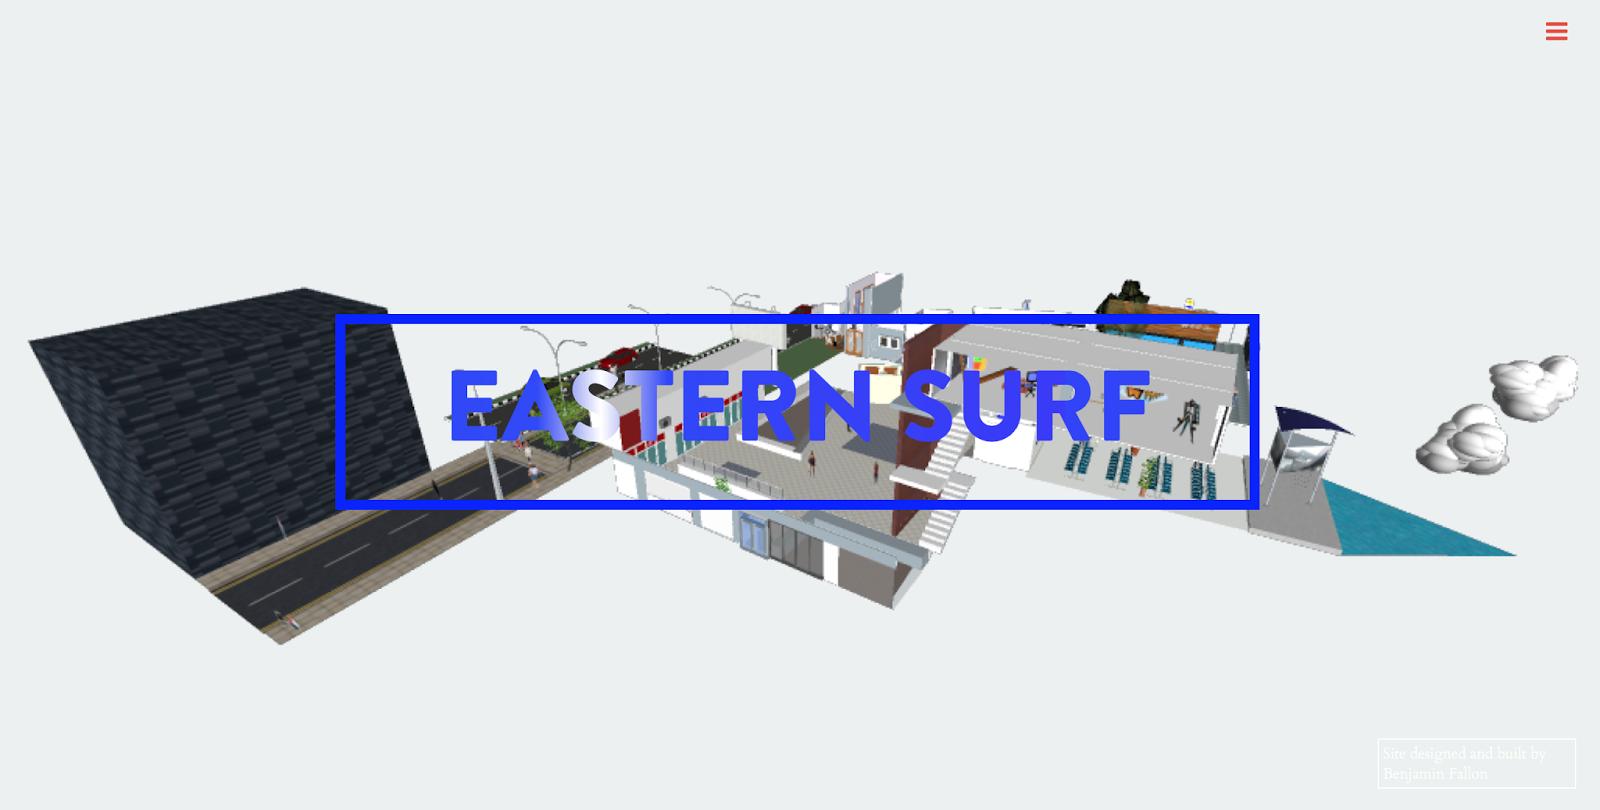 www.easternsurf.net